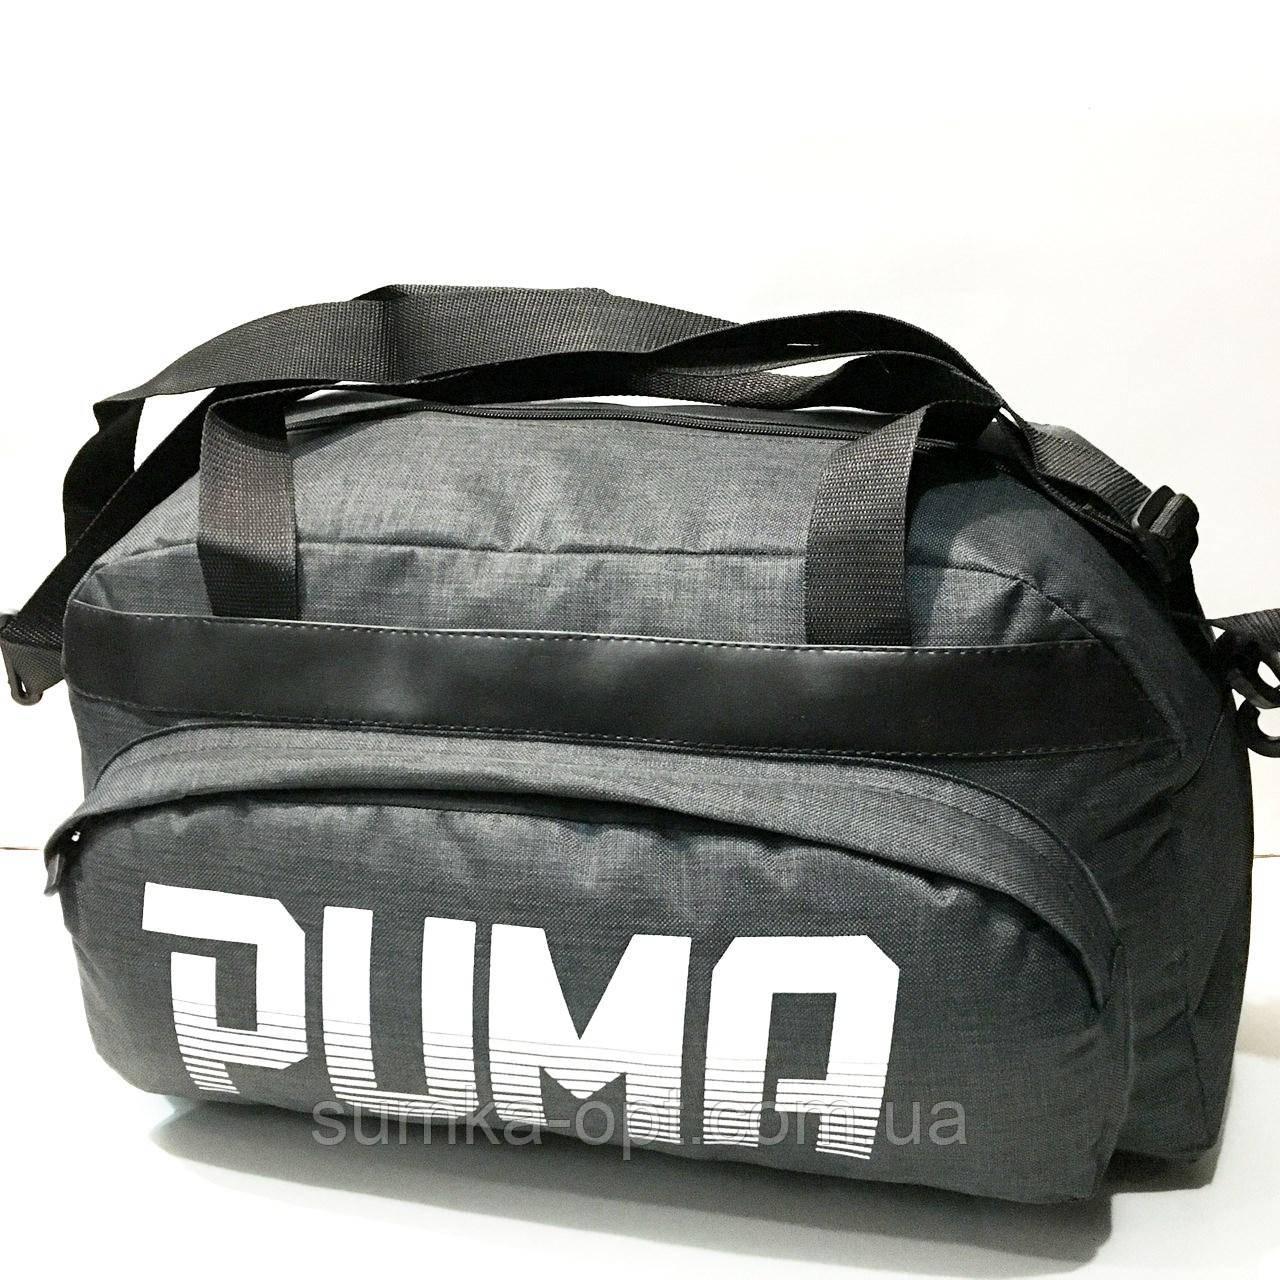 54ba5da9 Брендовые спортивные сумки Puma под джинс (серый+белый)27*52см ...